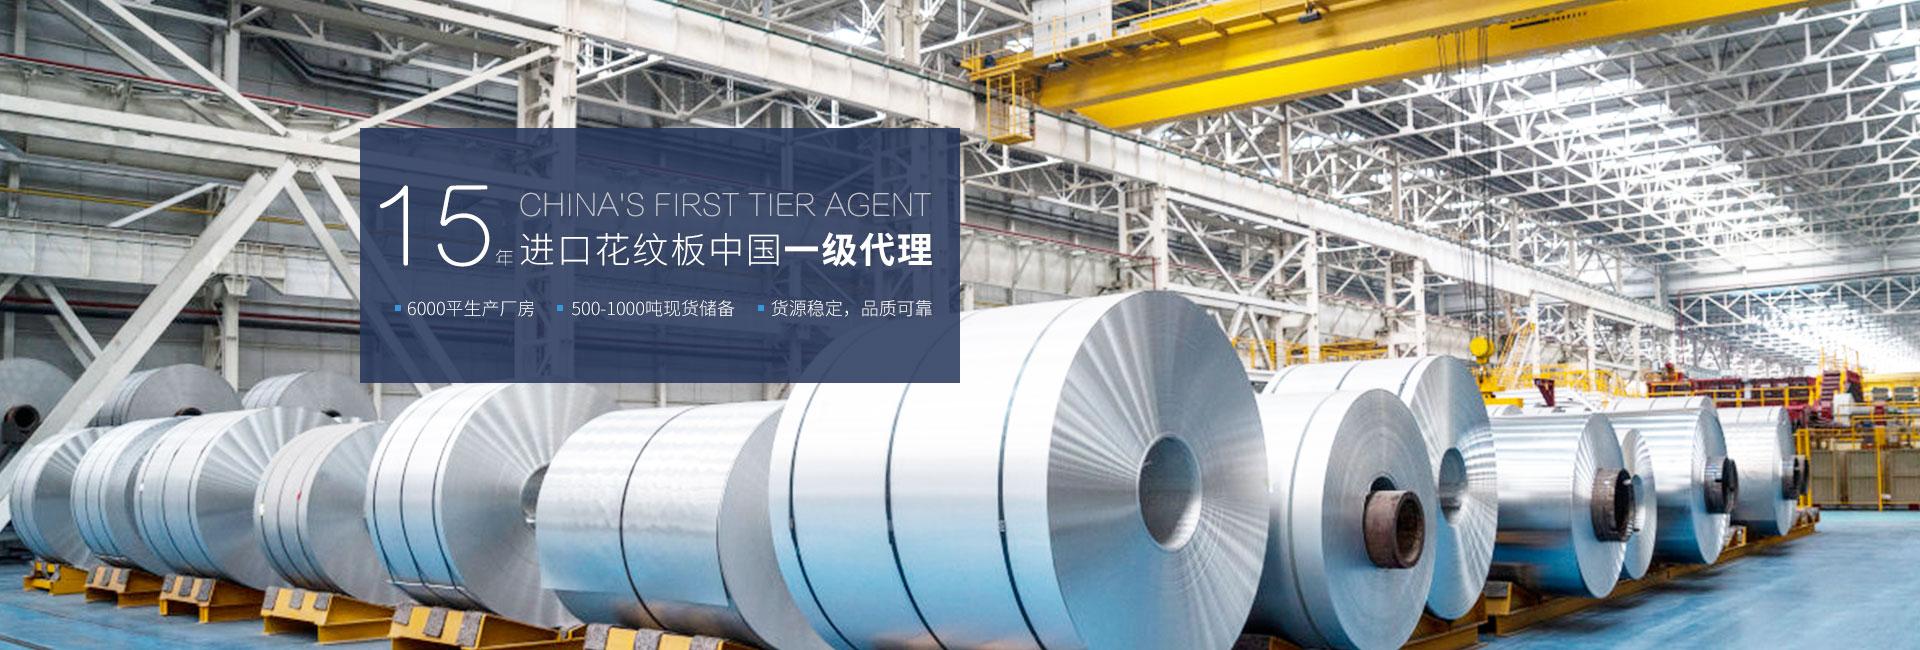 海润钢铁-十五年进口花纹板中国一级代理